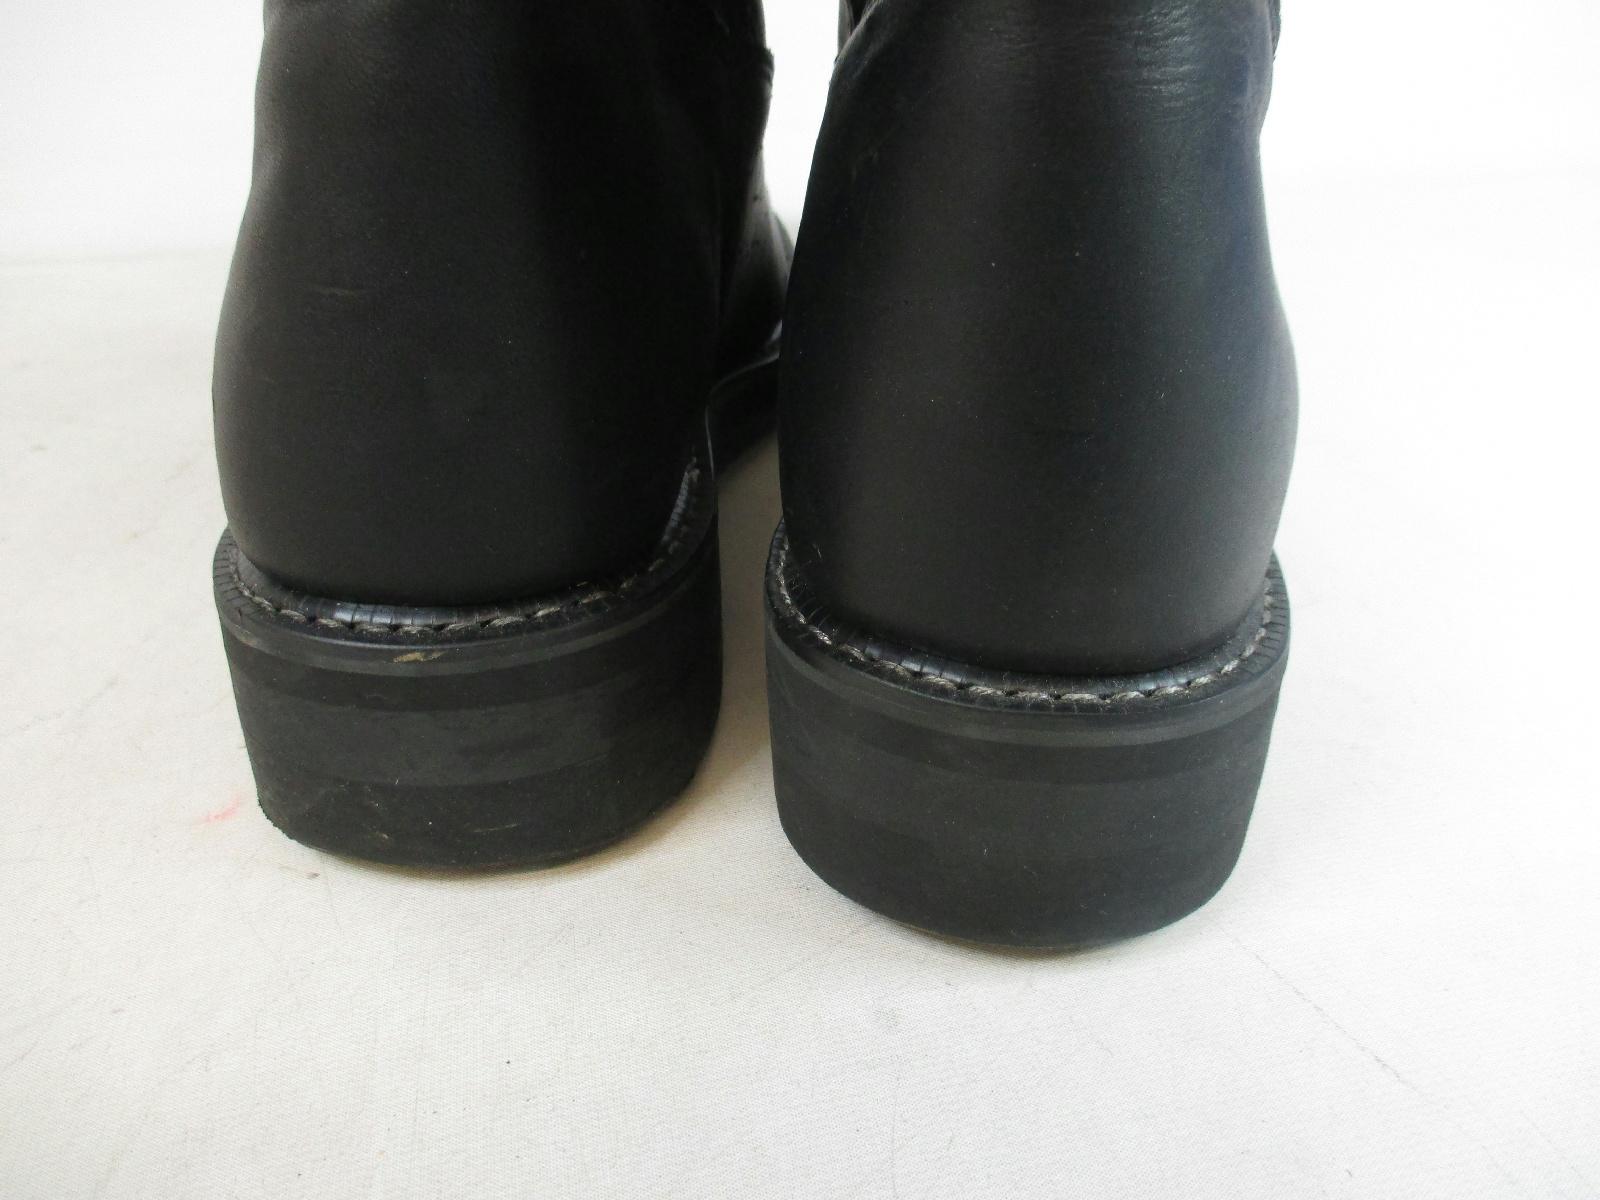 Details about Mason Shoe Black Oil Resistant Work Boots Shoes Mens